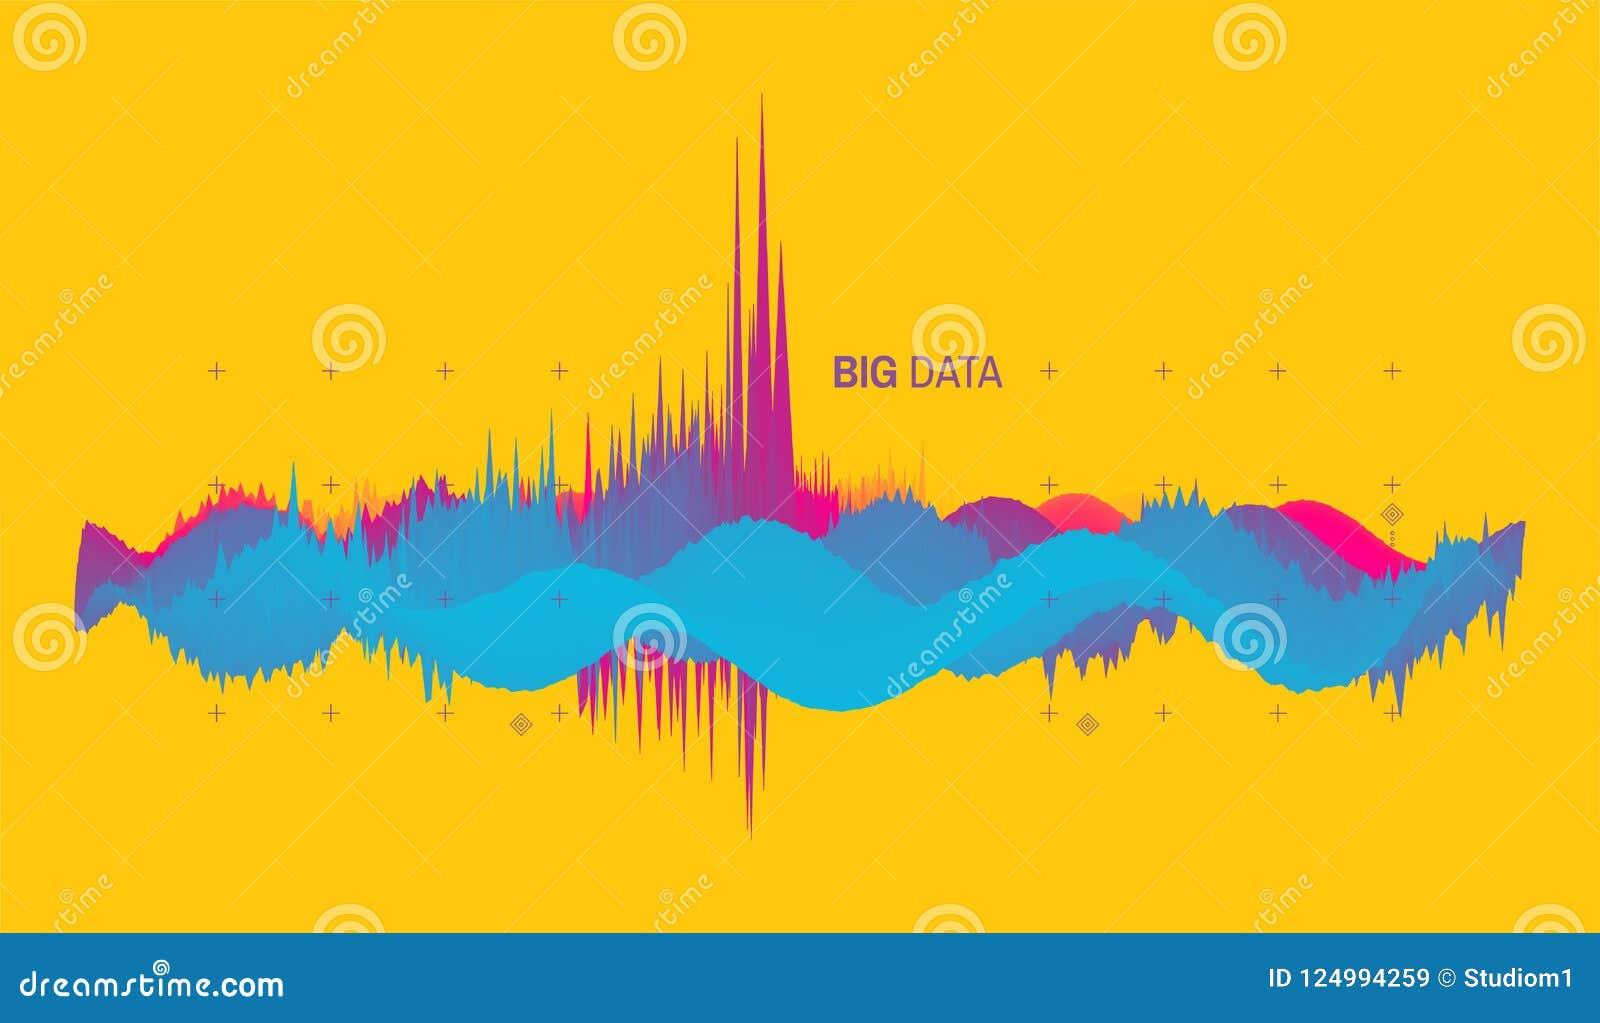 8 abstrakcjonistyczny dodatkowy tła dynamicznego skutka eps format Futurystyczny technologia styl Duży dane wykresu unaocznienie